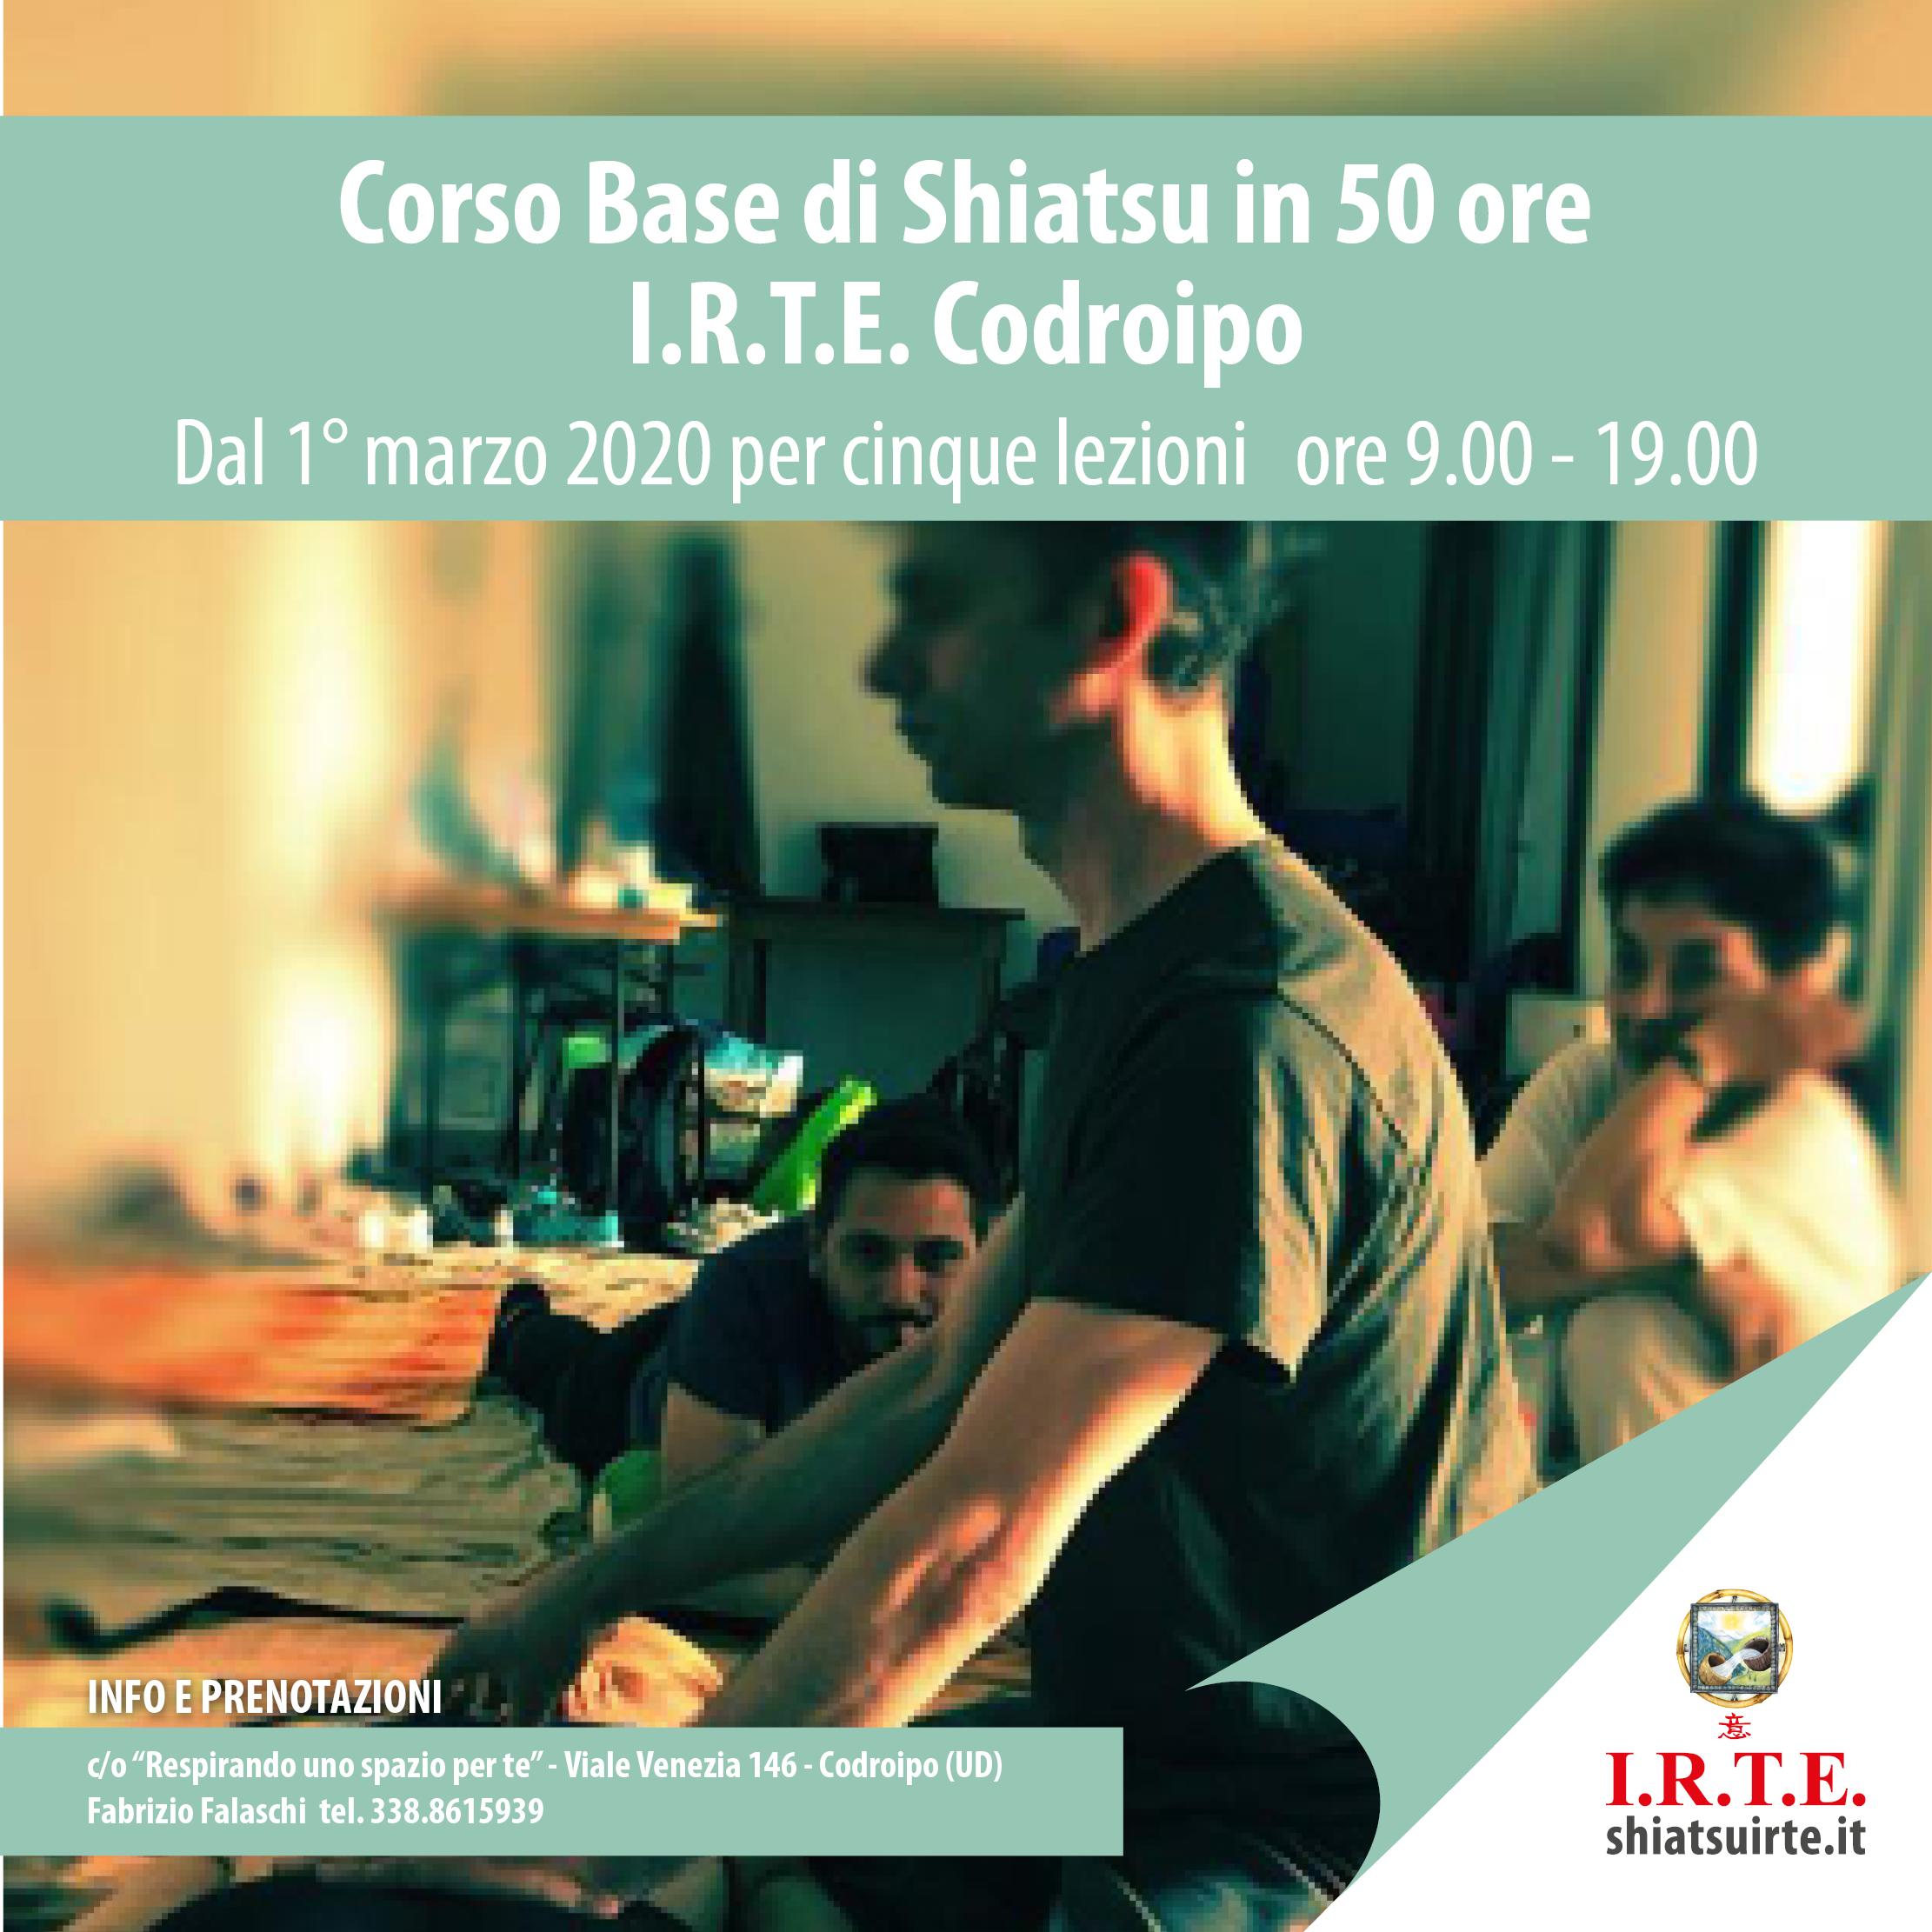 Codroipo (UD) - 1° marzo 2020: Corso Base di Shiatsu in partenza